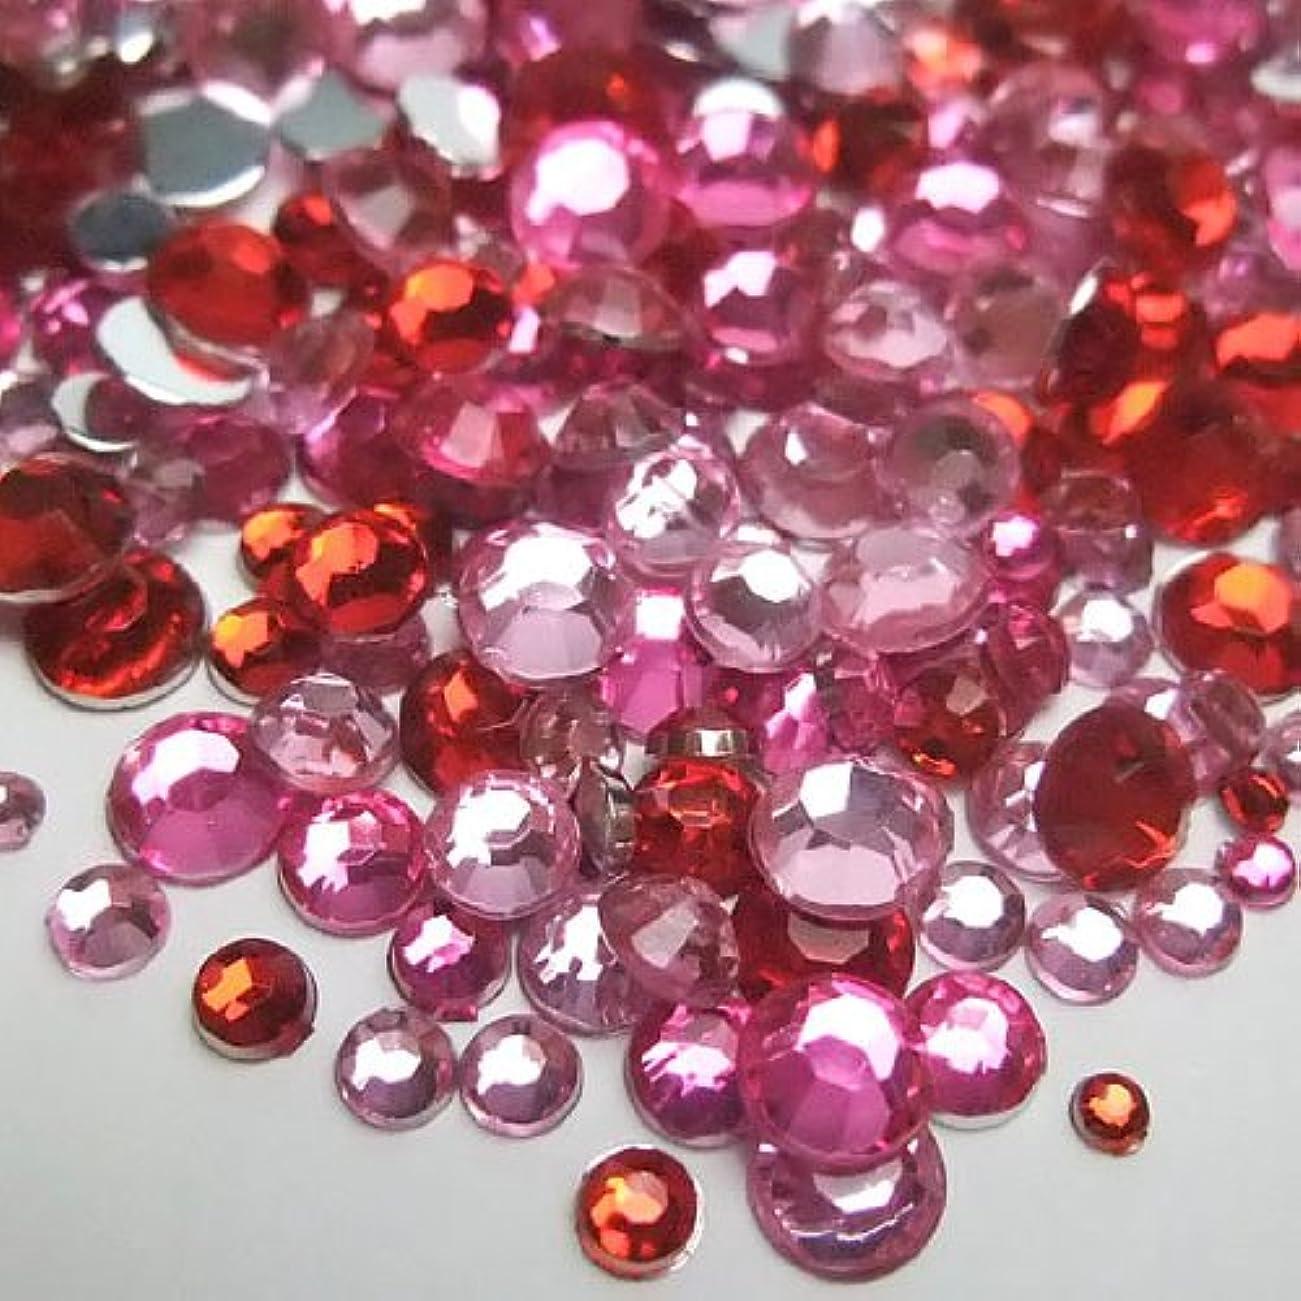 シルク公園ハーネス高品質アクリルストーン ラインストーン MIXパック 約1000粒入り ピンク系